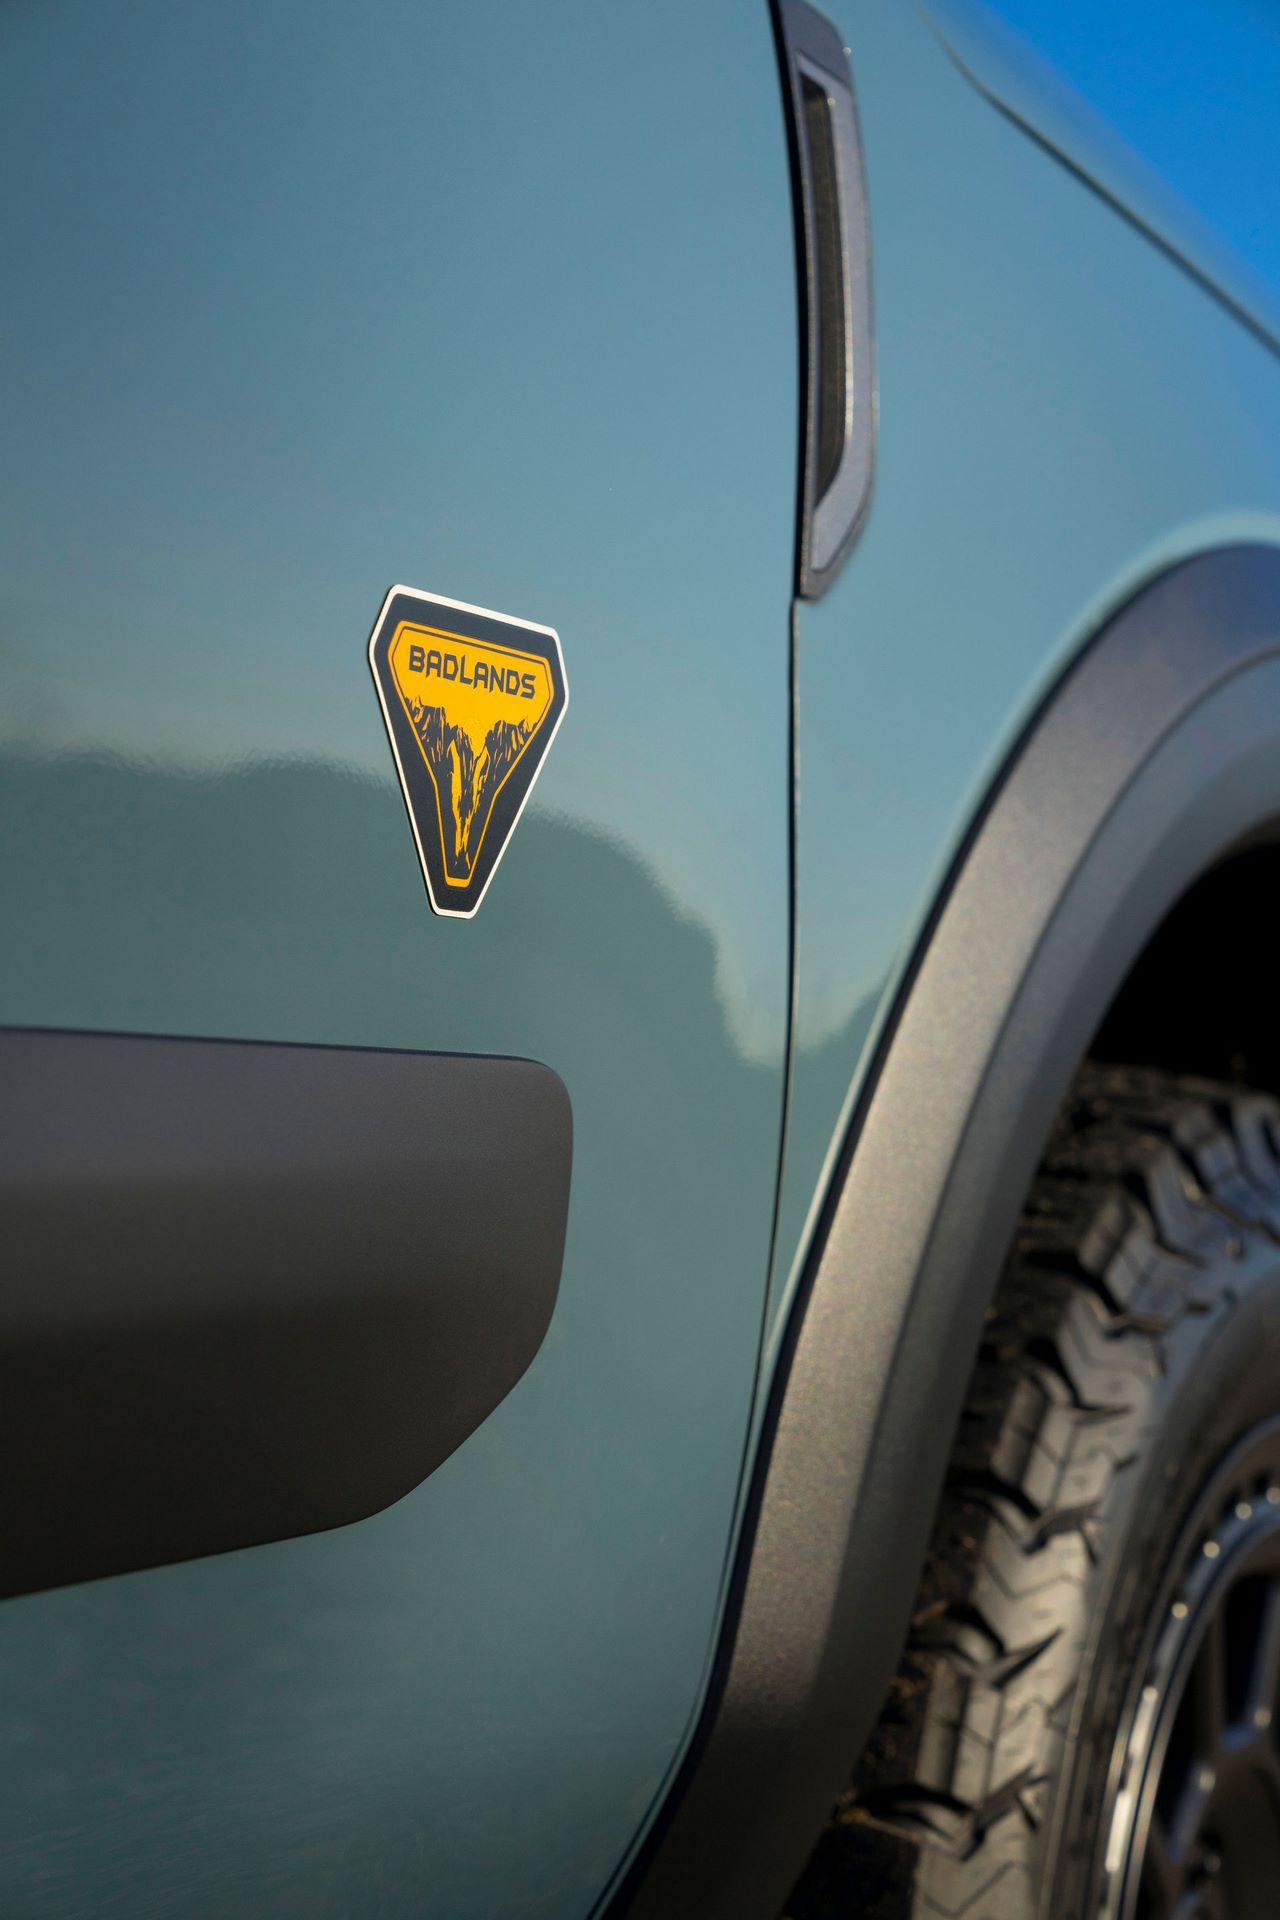 Ford-SEMA-Concepts-28